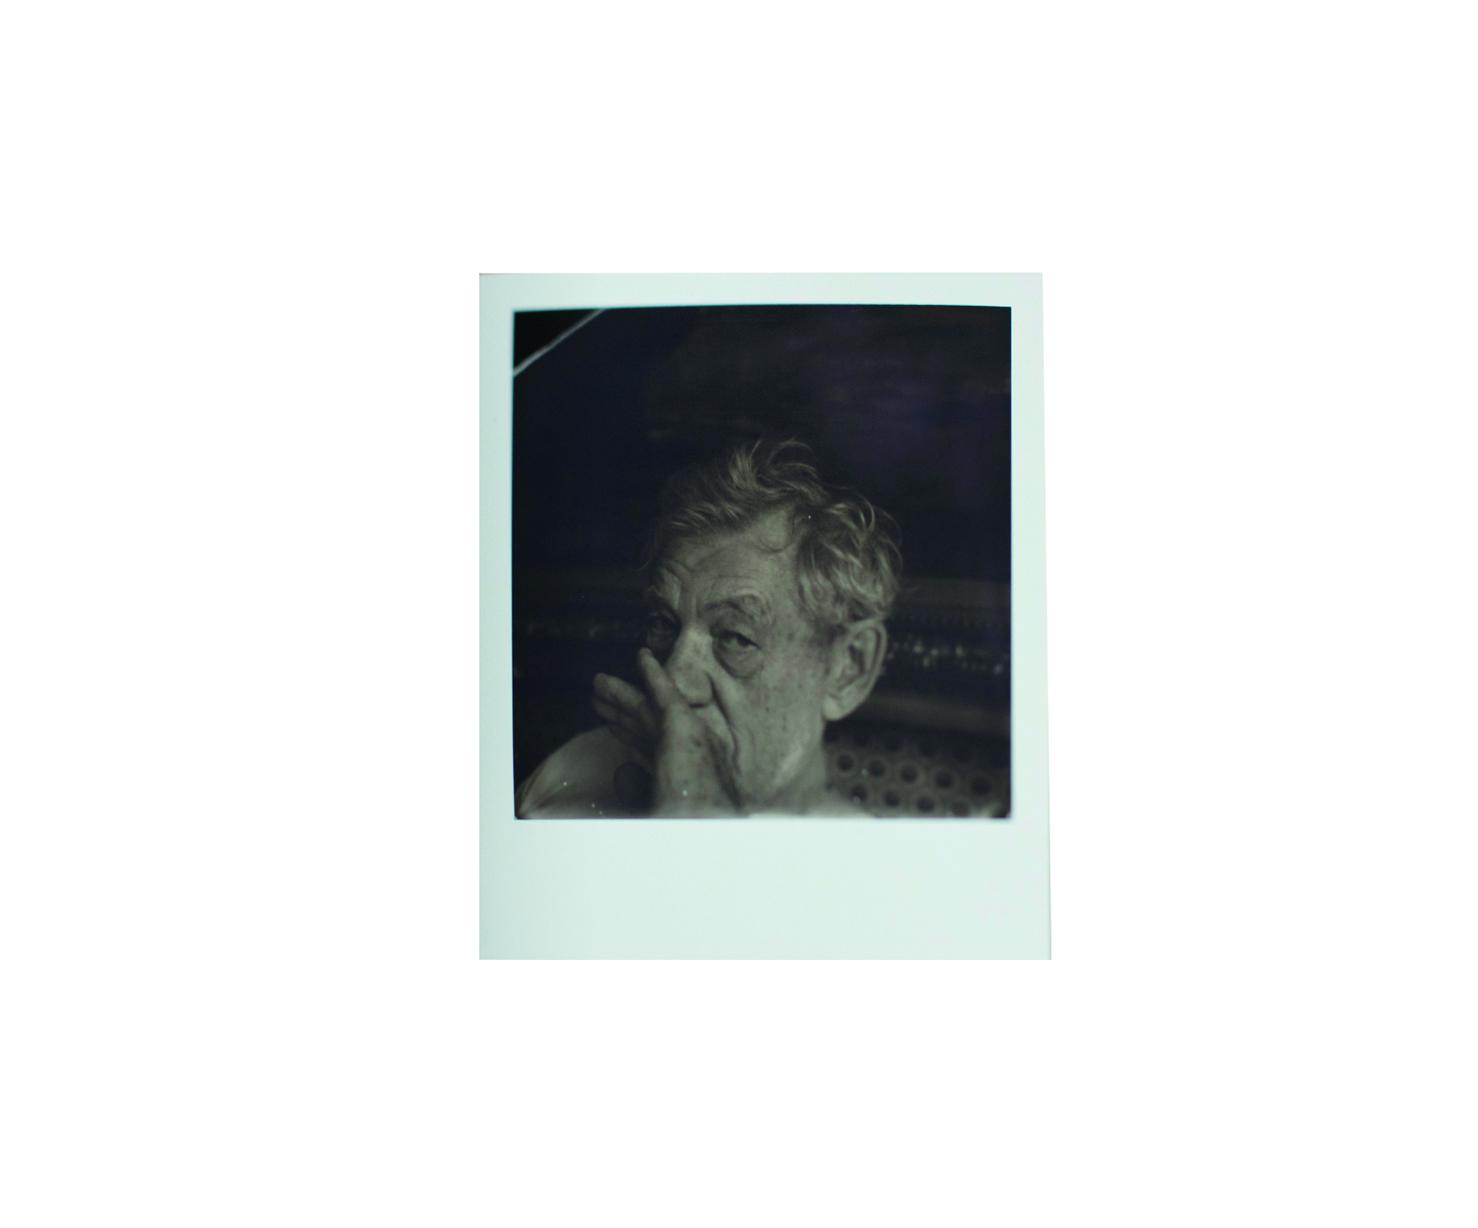 'RITE' and Polaroid of Sir Ian McKellen